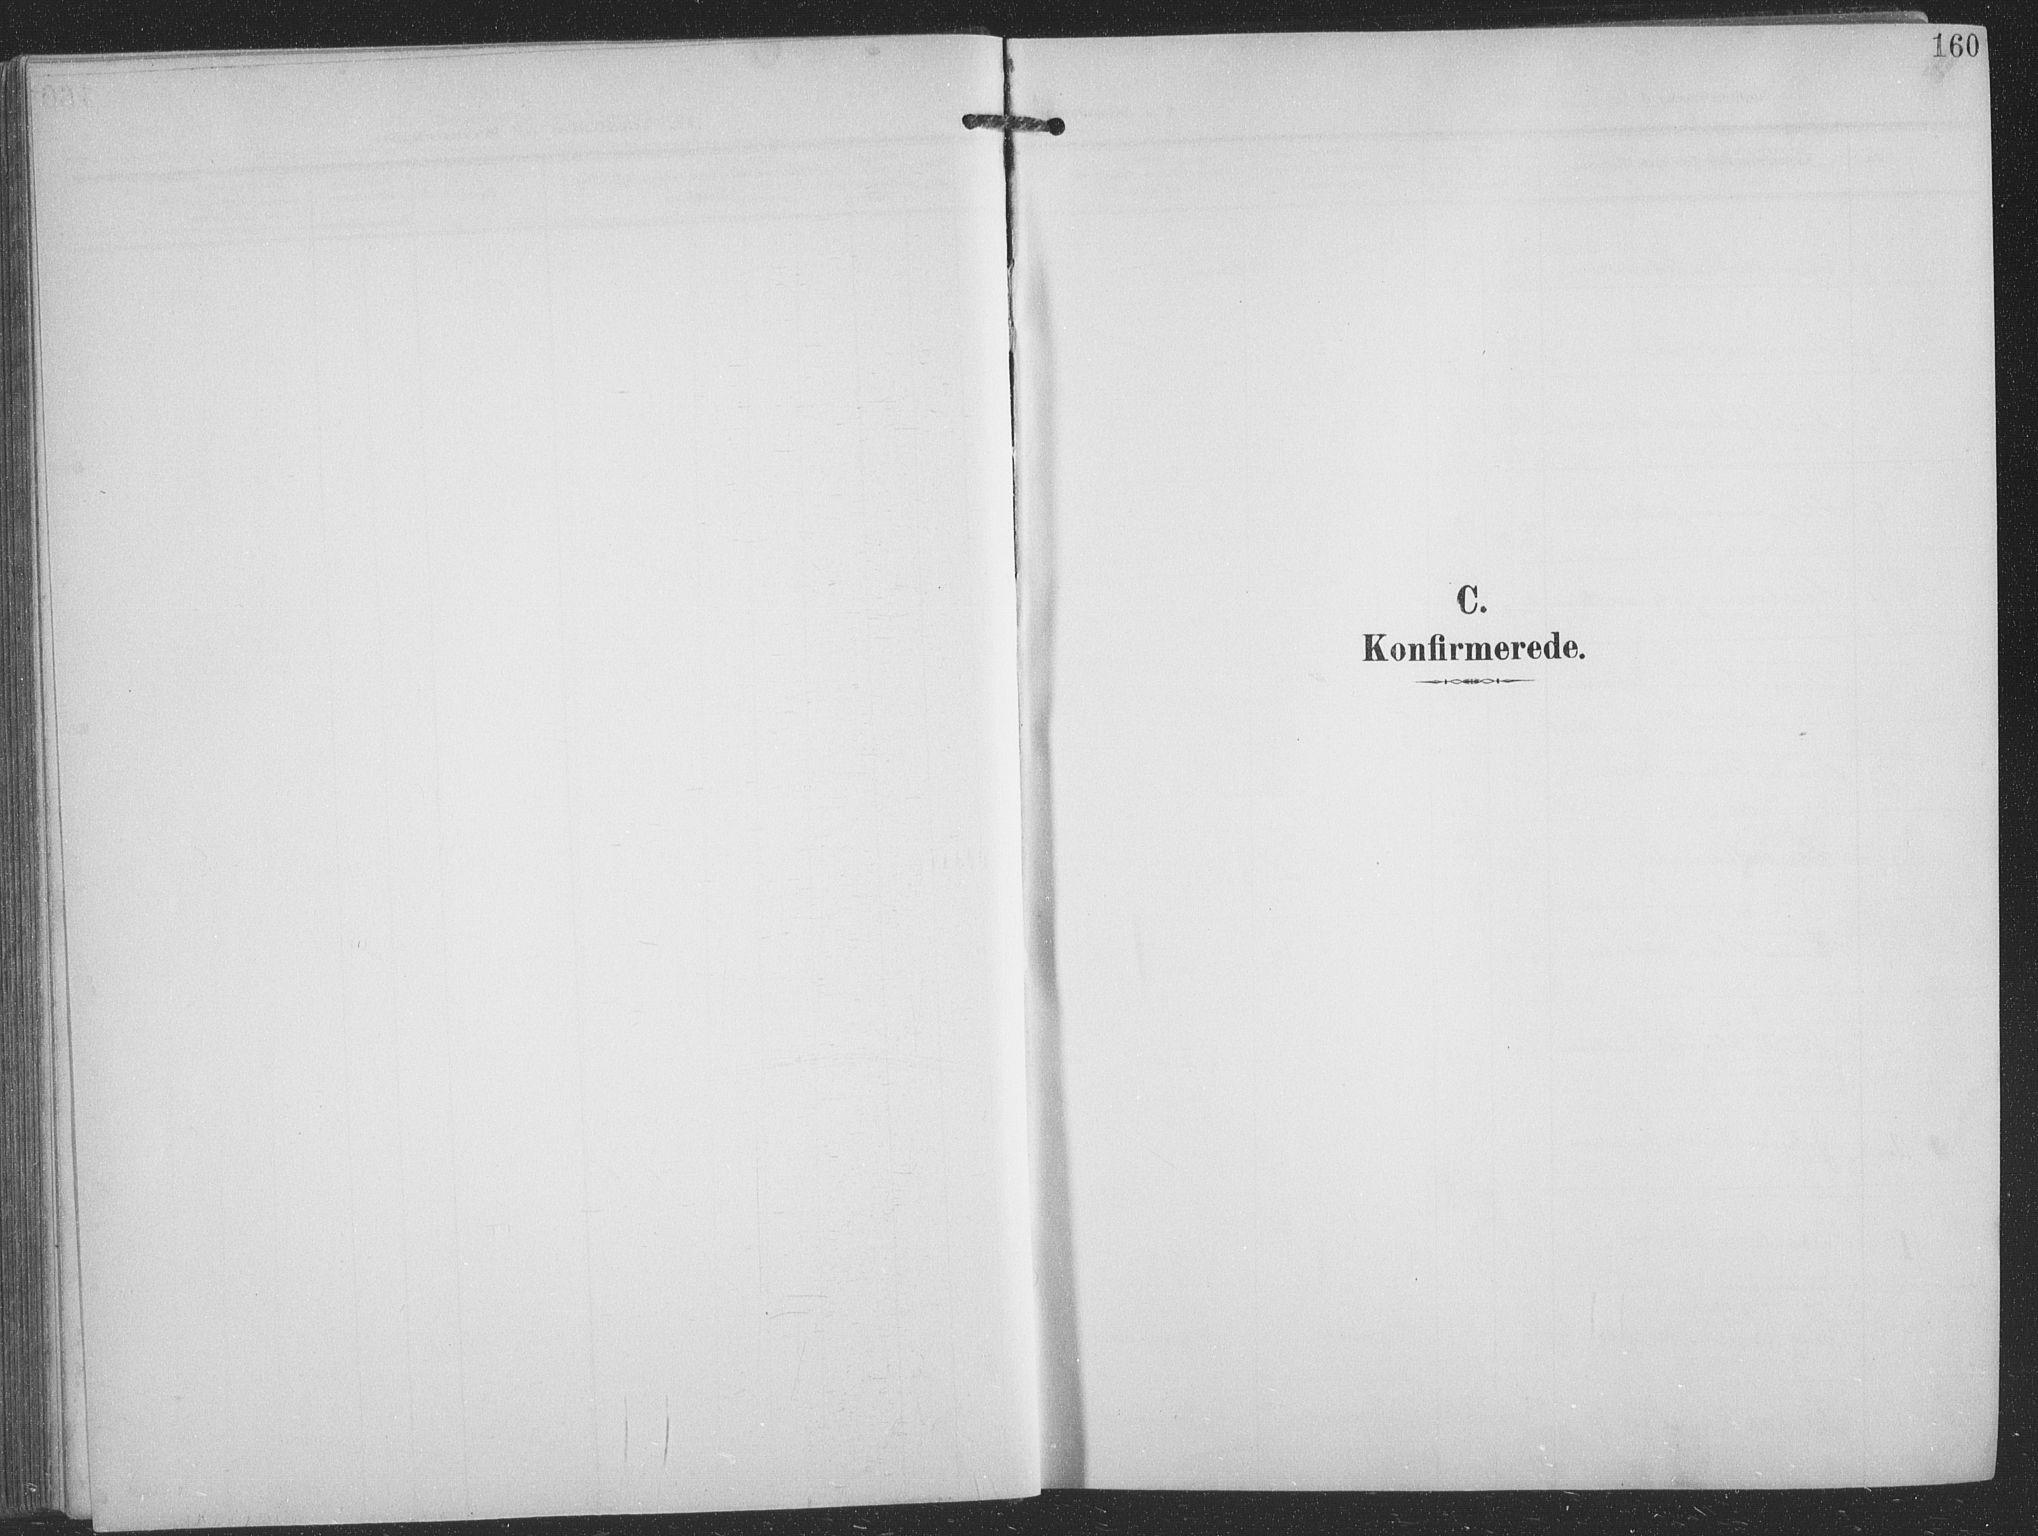 SATØ, Balsfjord sokneprestembete, Klokkerbok nr. 9, 1906-1920, s. 160